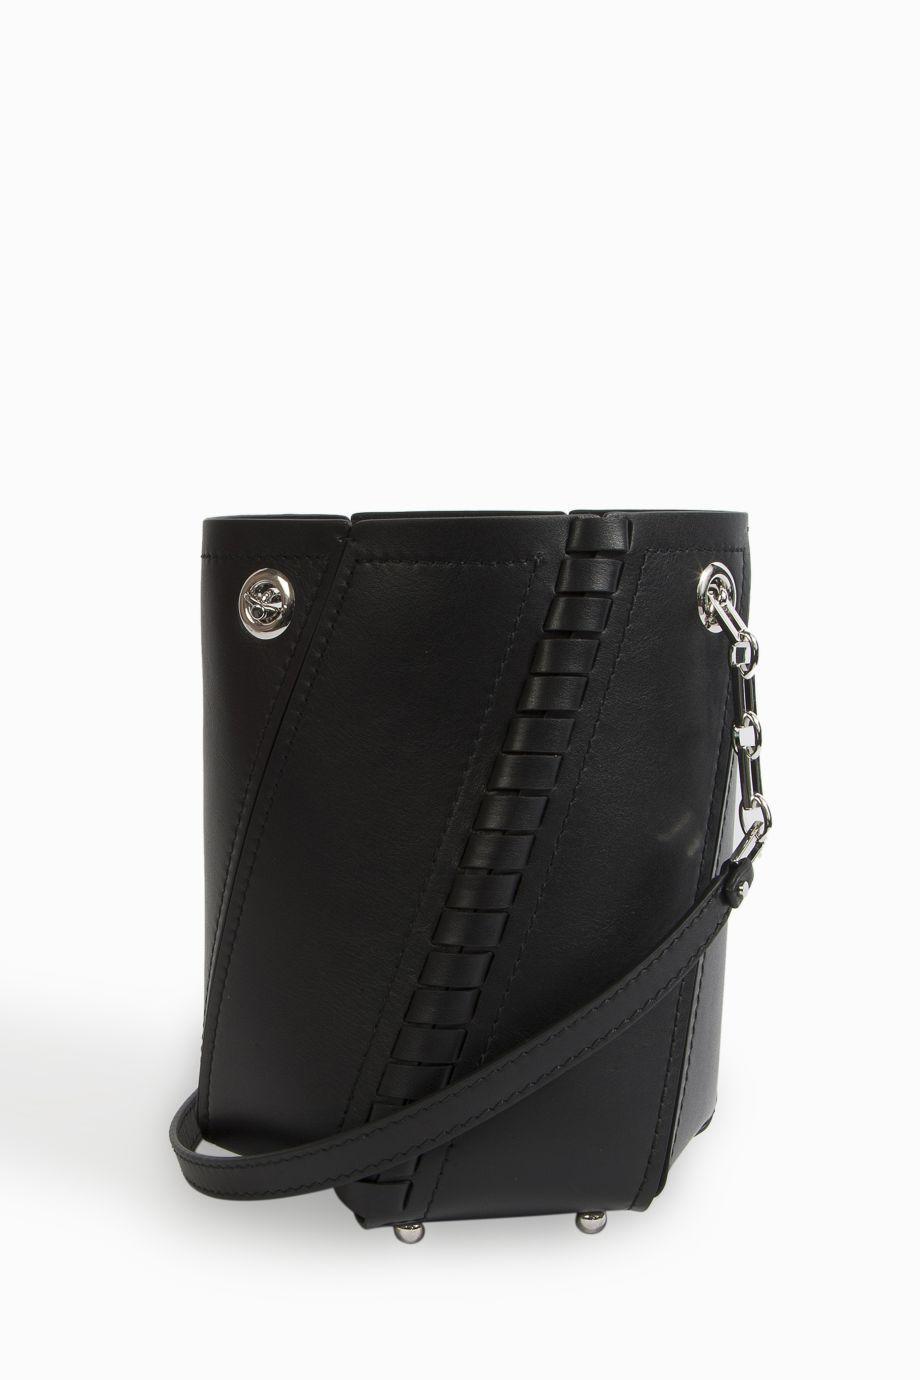 Proenza Schouler  Mini Hex Whip-Stitch Bag